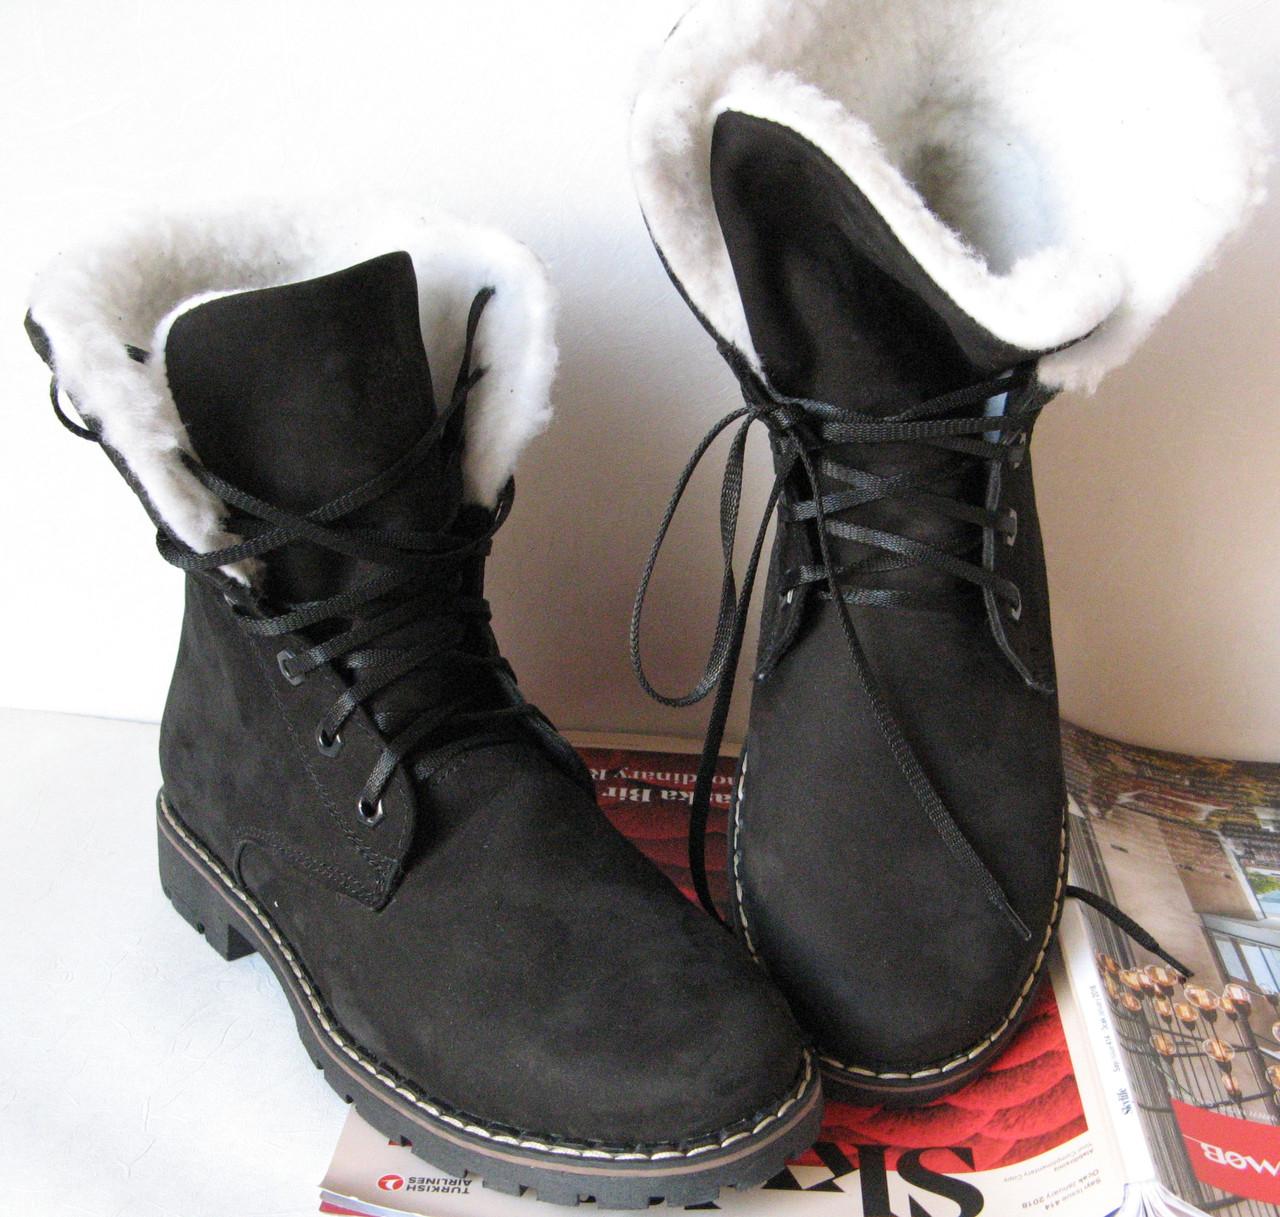 Супер зимние женские сапоги ботинки в стиле Timberland теплые черные нубук